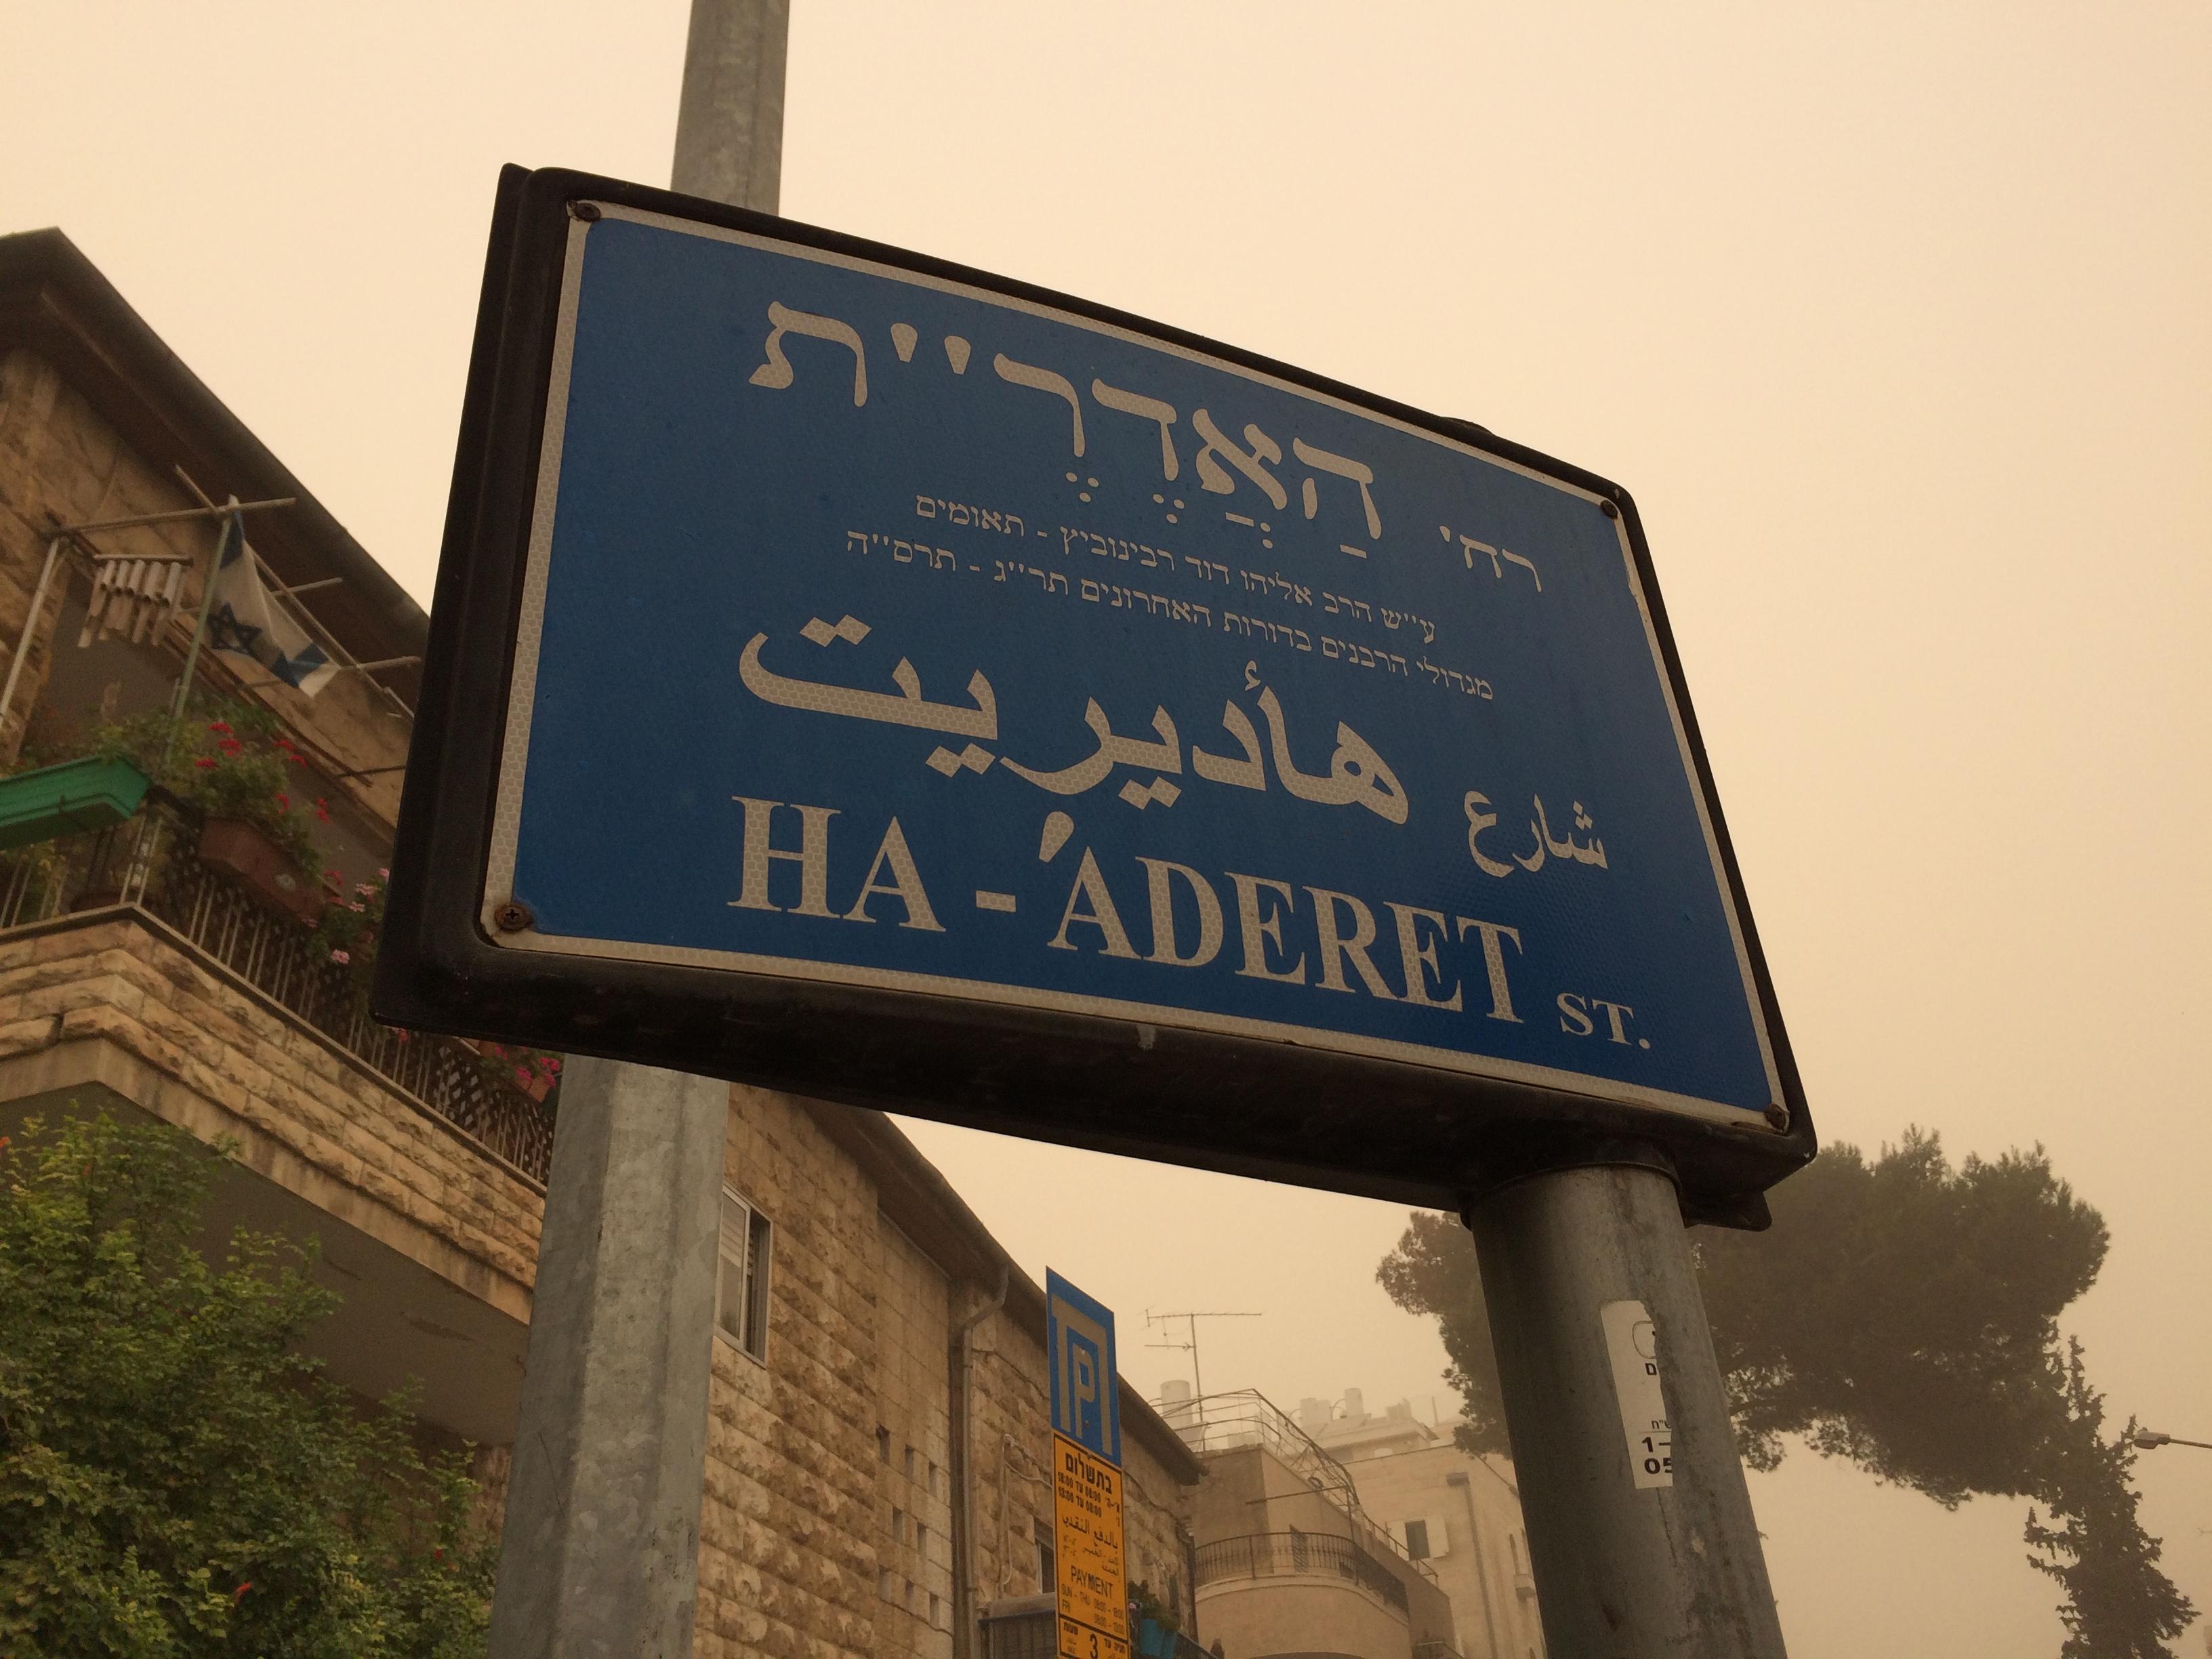 Jutzot Ierushalaim – XVI – Las calles de Jerusalém: Aderet